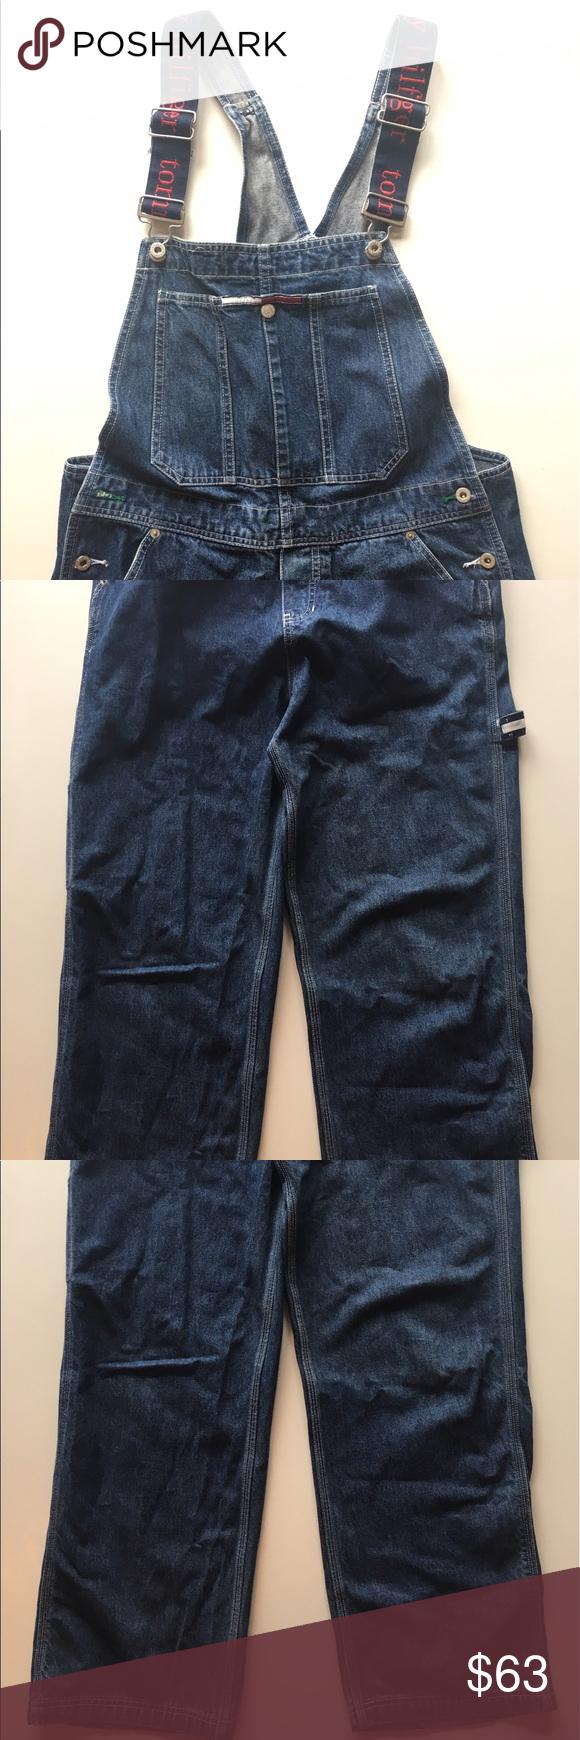 """Vintage Tommy Hilfiger Overalls size Large Vintage Tommy Hilfiger Overalls! Very cool. Size: Women's Large/ Men's Small. 30"""" W x 31"""" L Tommy Hilfiger Jeans Overalls"""